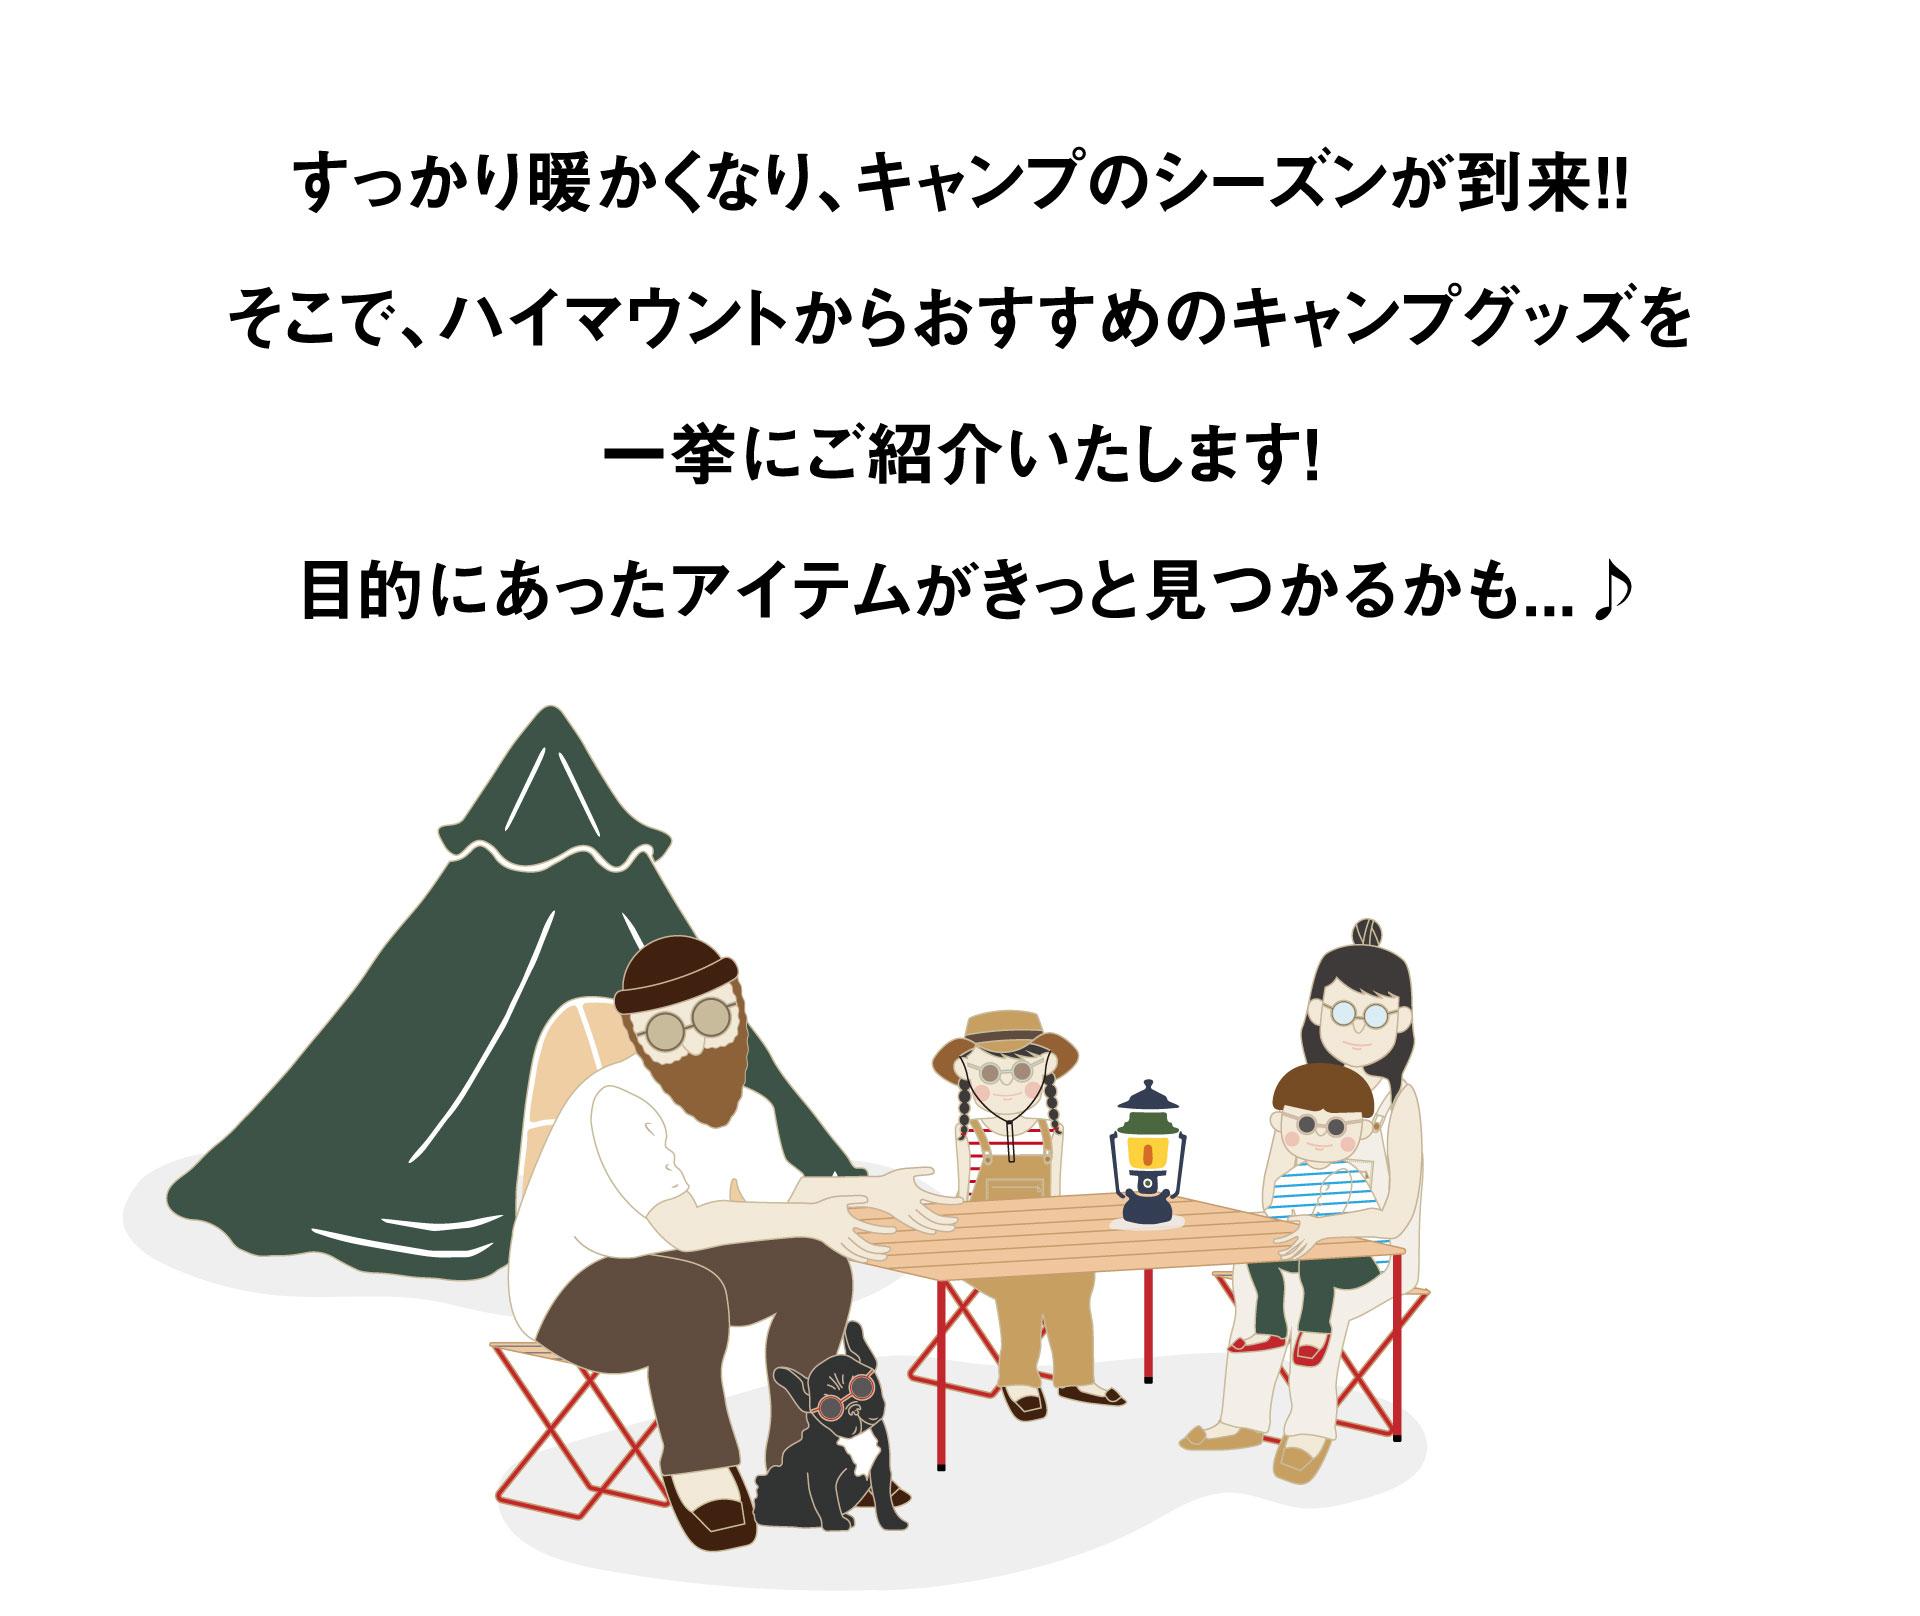 キャンプグッズ紹介&ファミキャン